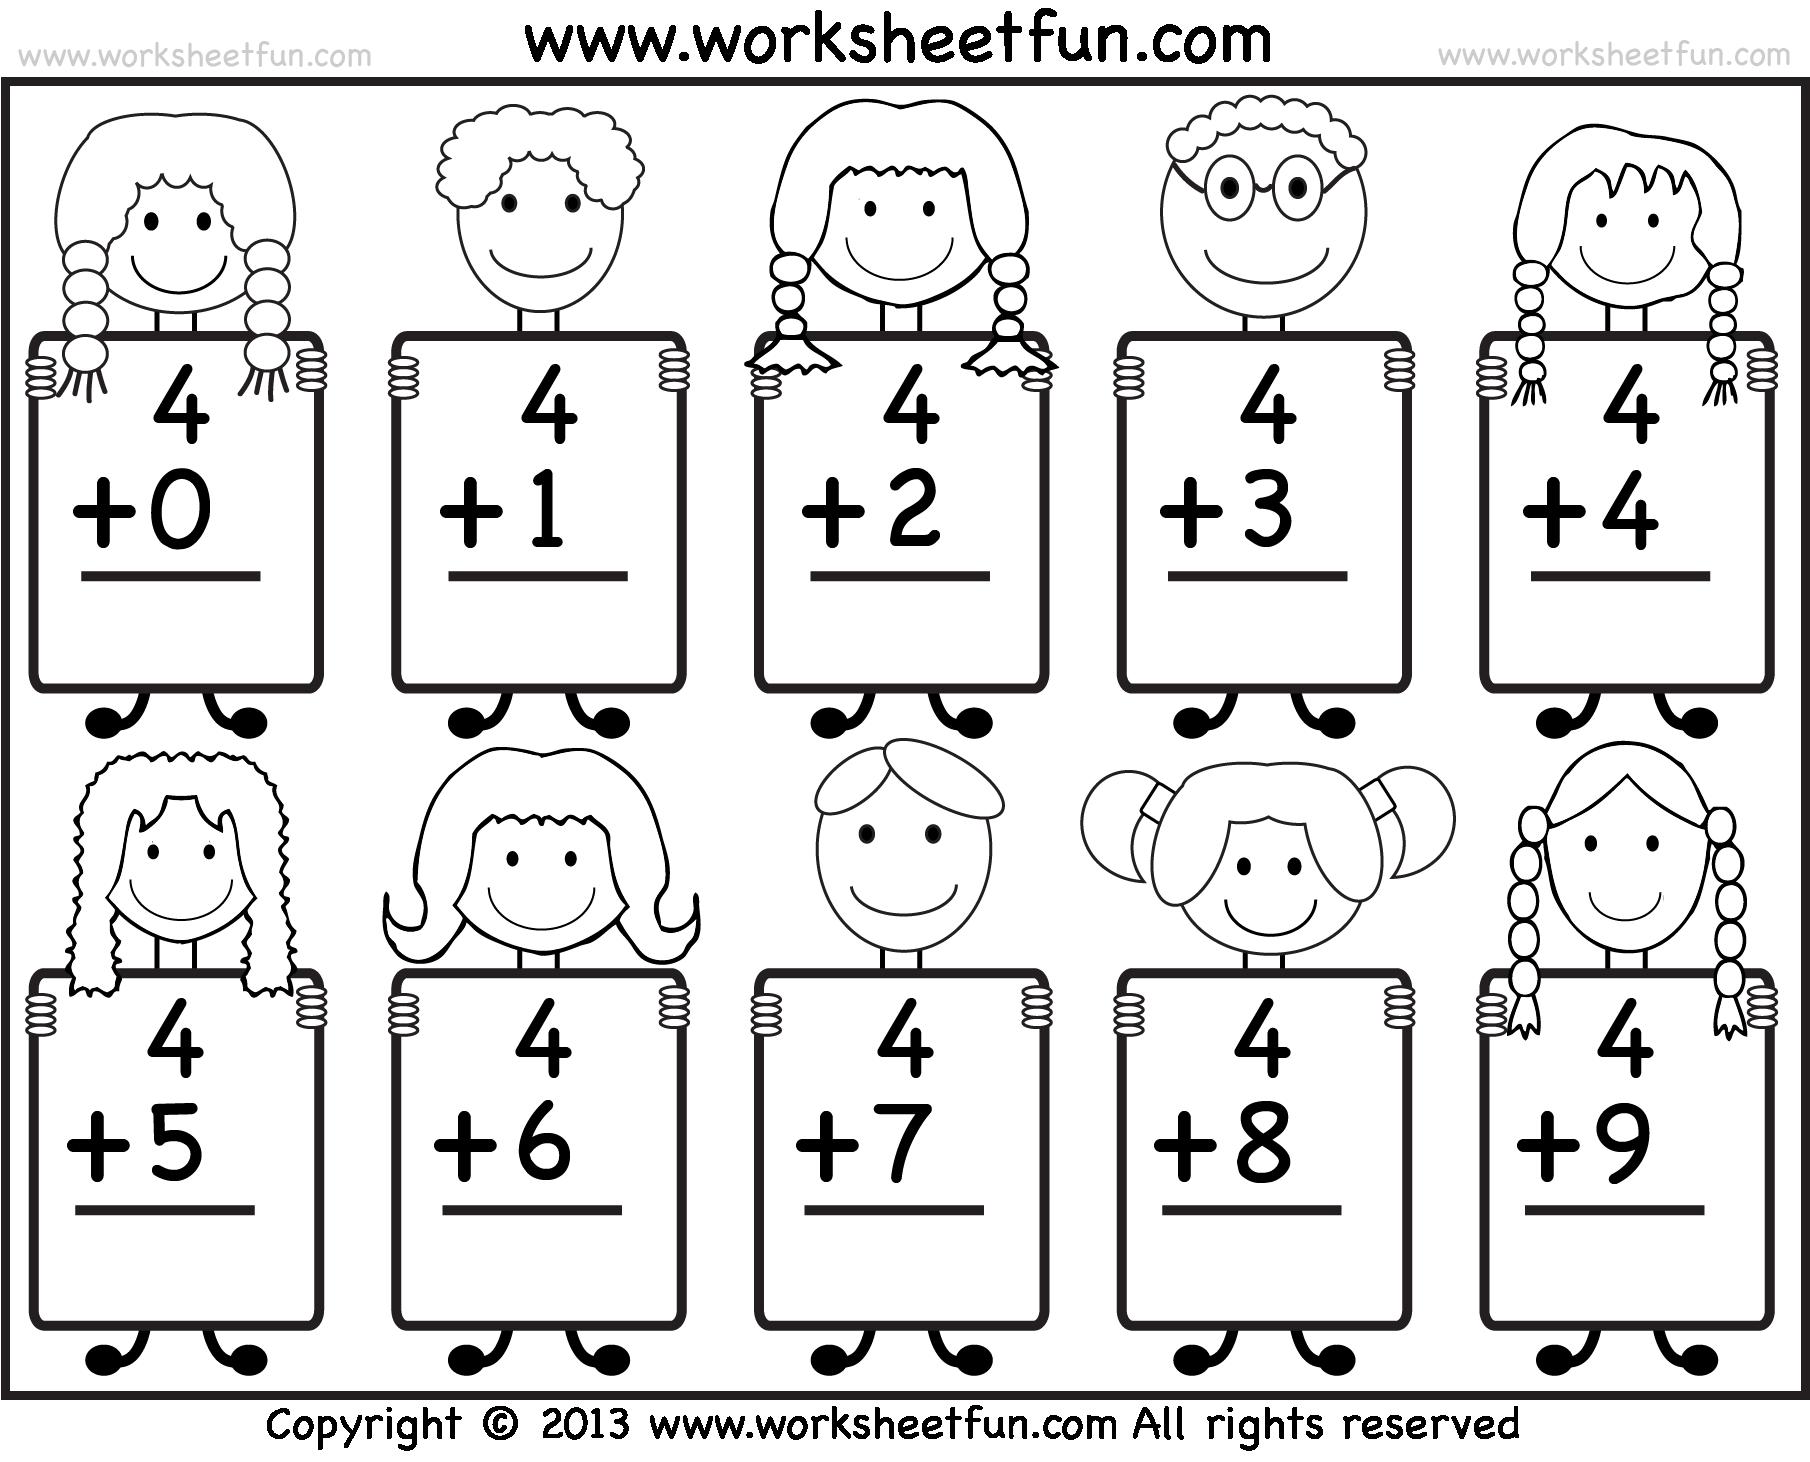 Free Printable Math Worksheets Preschoolers The Best Worksheets